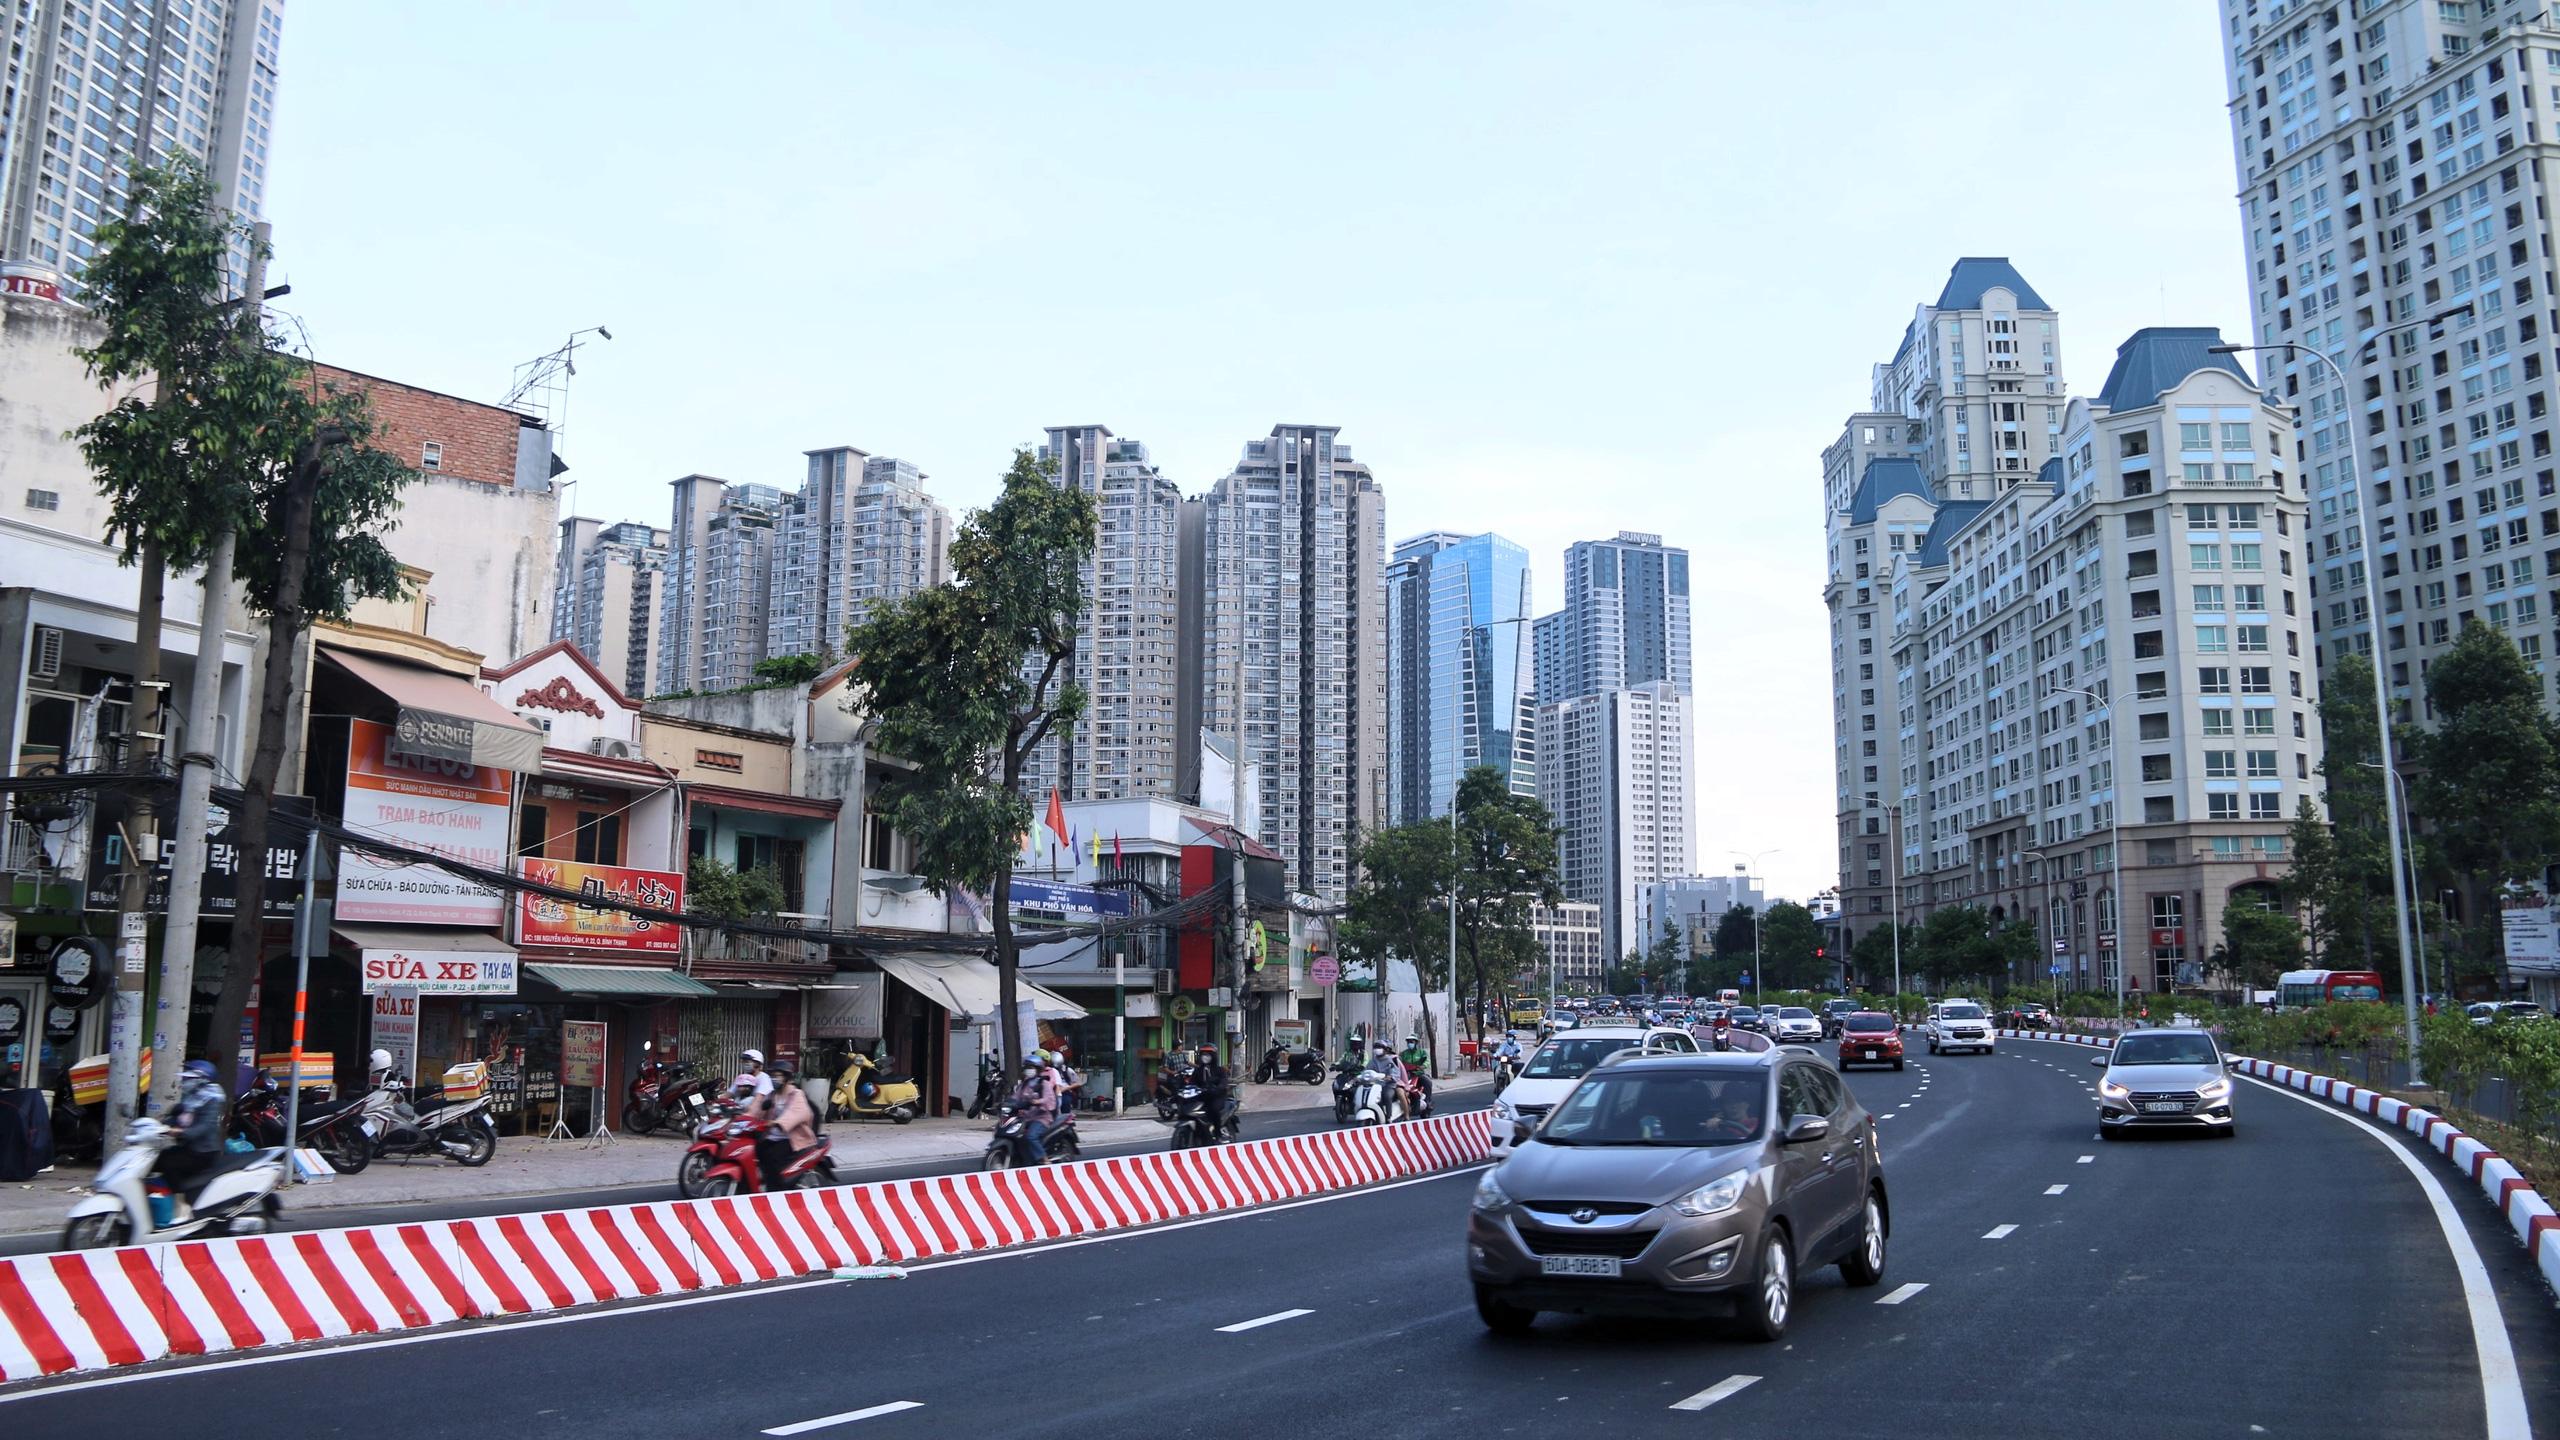 Trung tâm Sài Gòn thoáng đãng sau khi thông tuyến đường Nguyễn Hữu Cảnh và Lê Lợi - Ảnh 4.